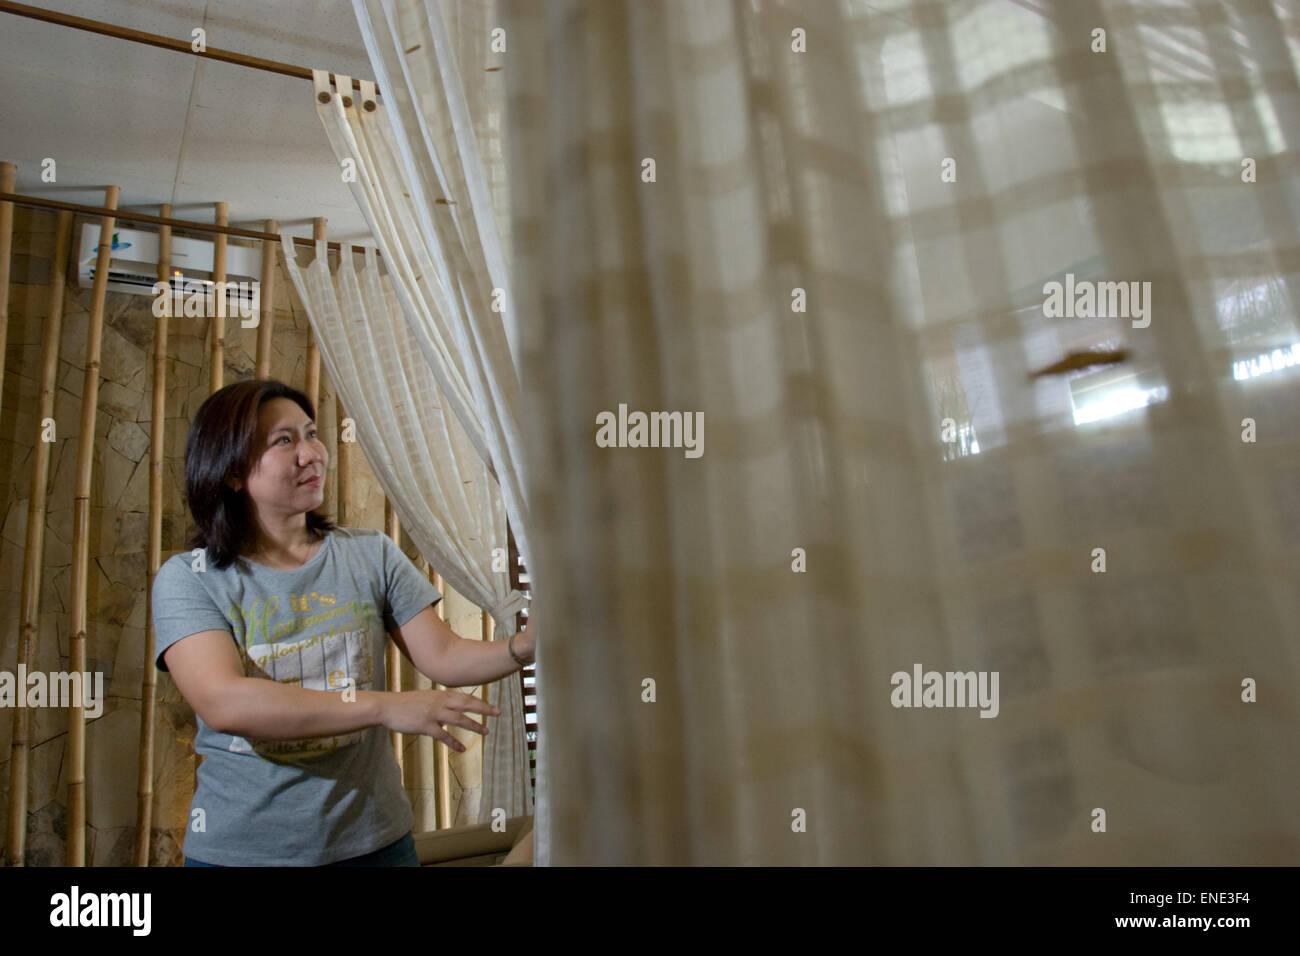 Elle Susi, retraité joueur de badminton, ouvre la réflexologie des pieds et de physiothérapie du Photo Stock